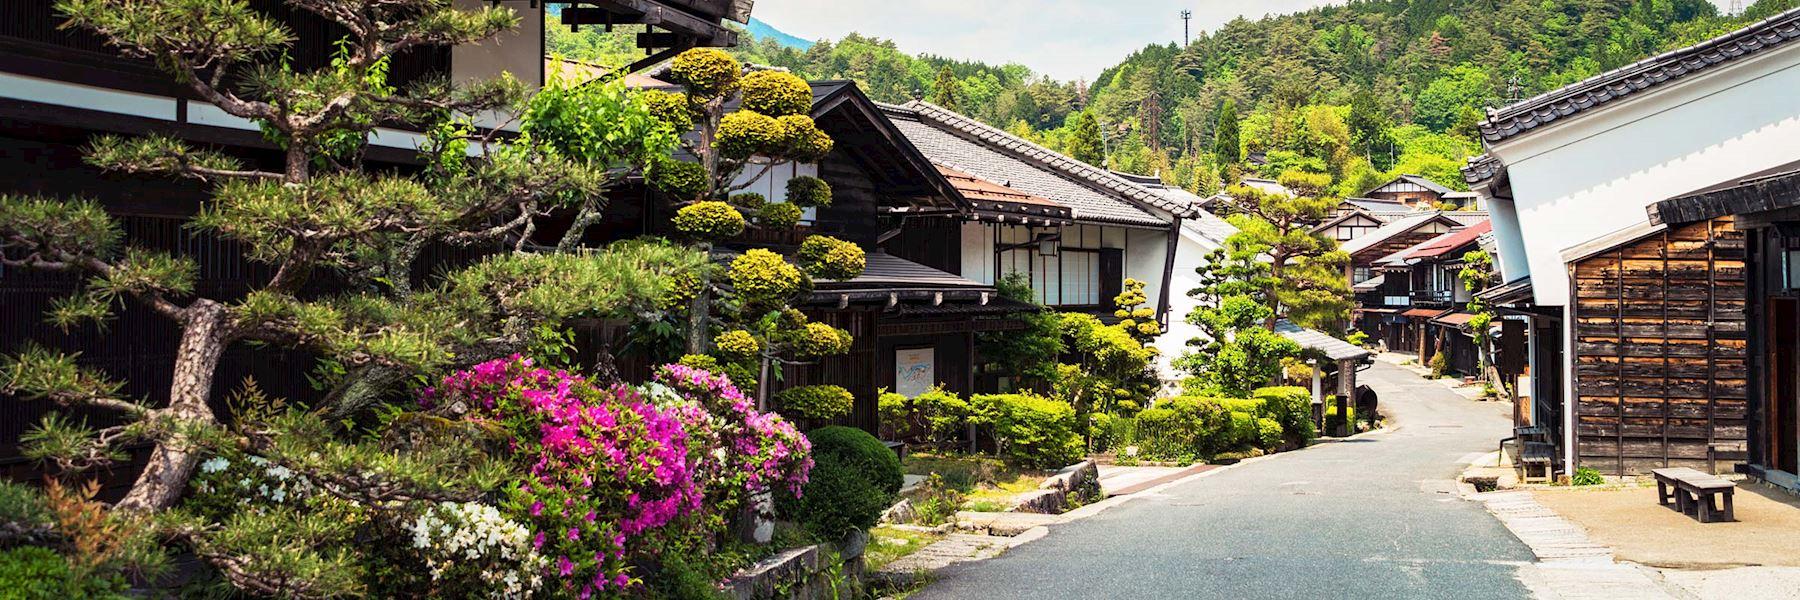 Visit Tsumago, Japan